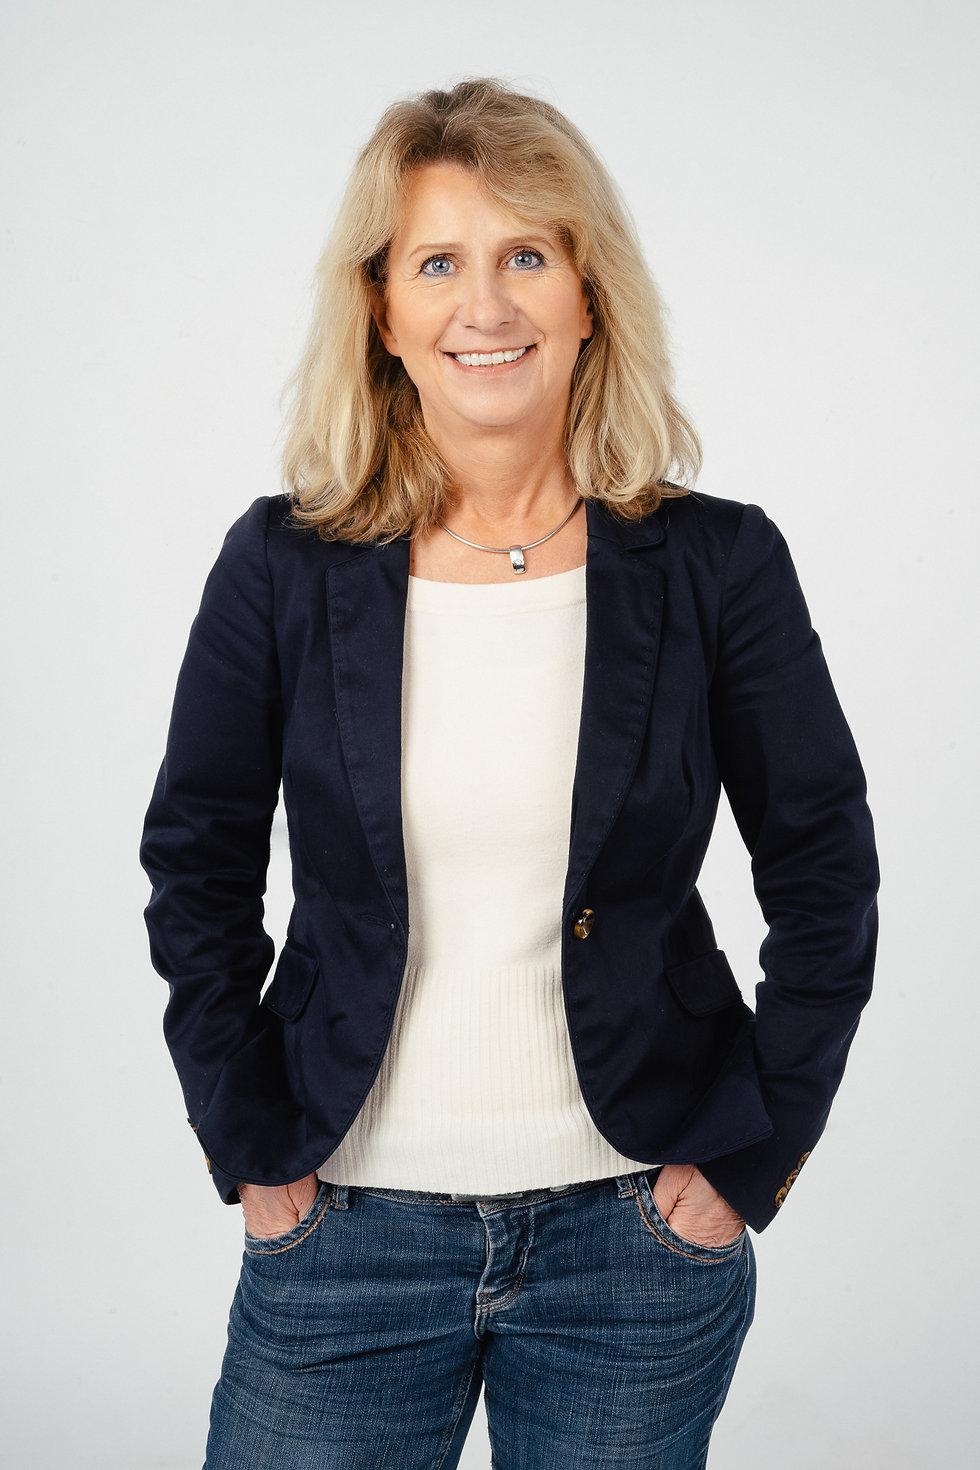 Christine Puschacher Business Portrait